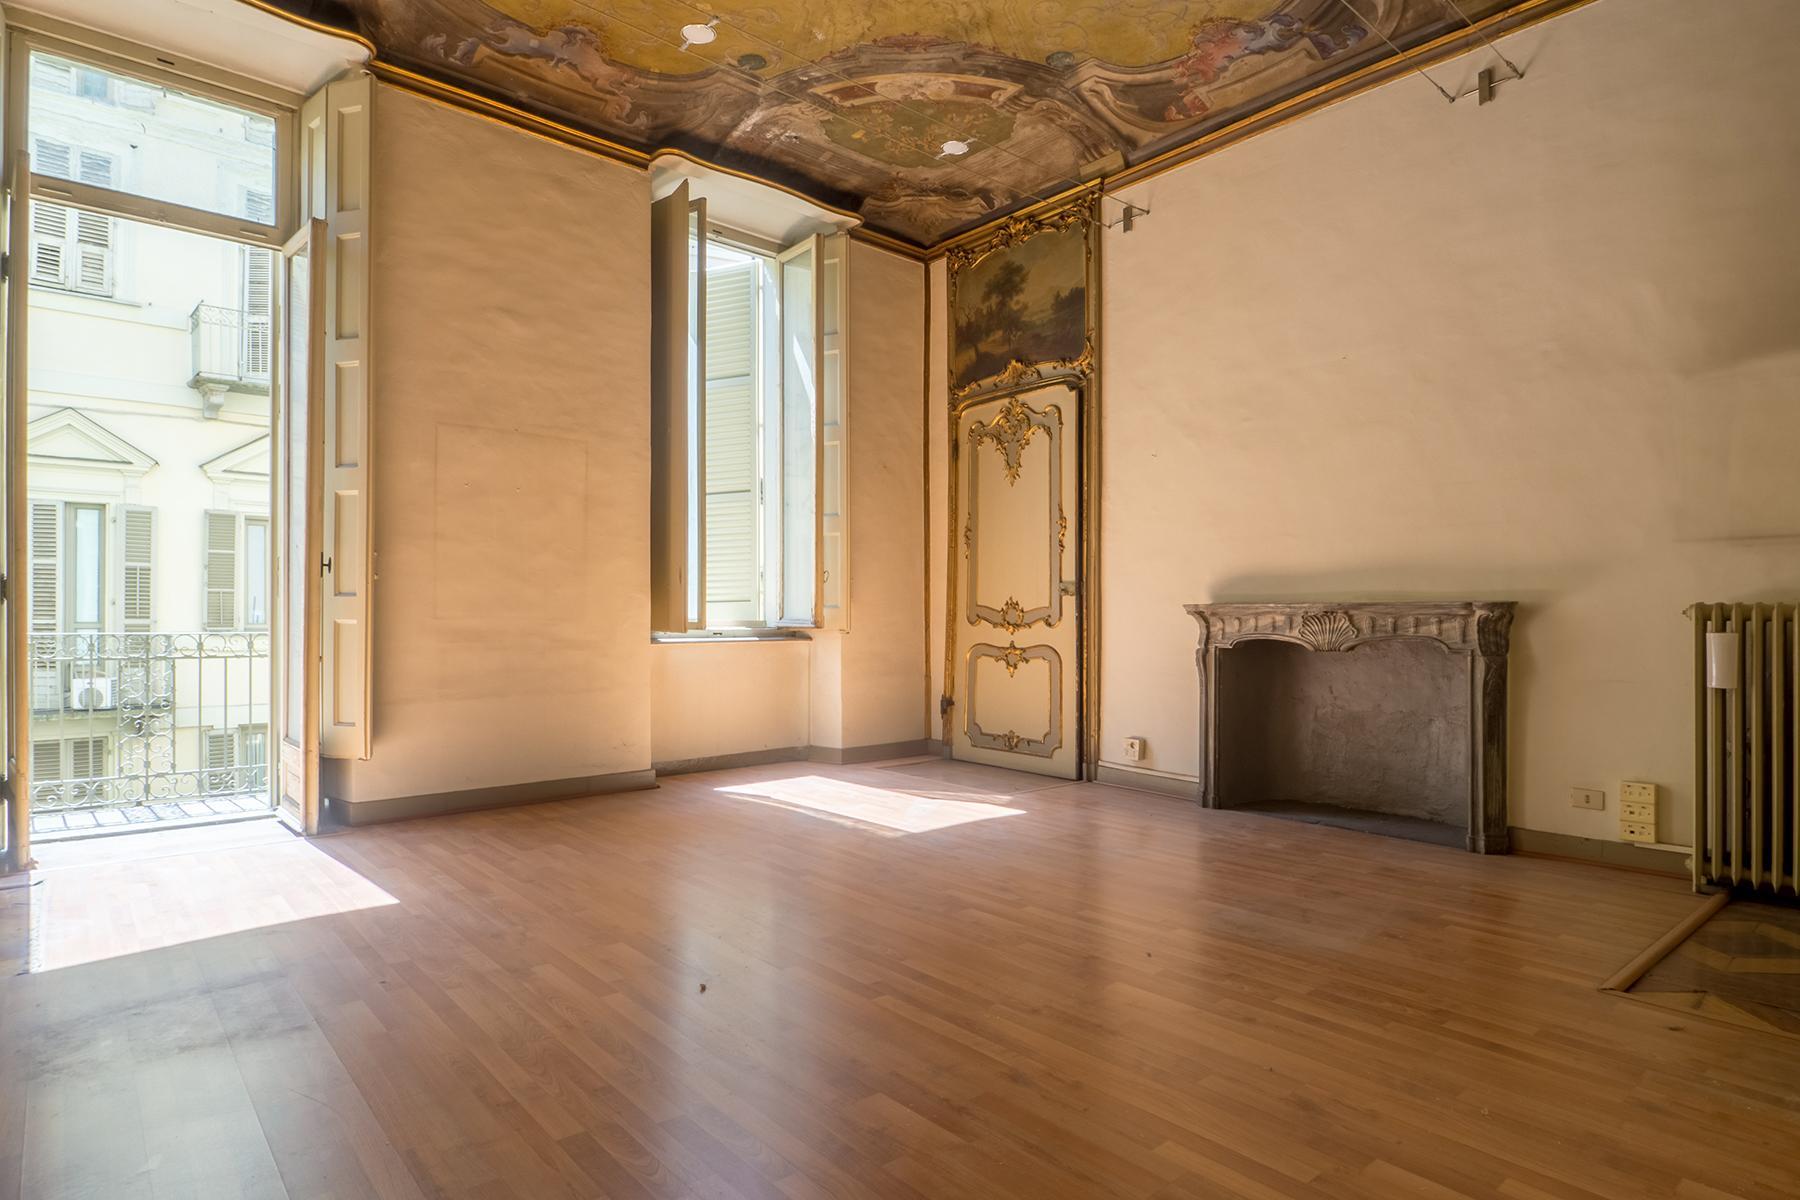 Ufficio di alta rappresentanza nel centro storico di Torino - 2